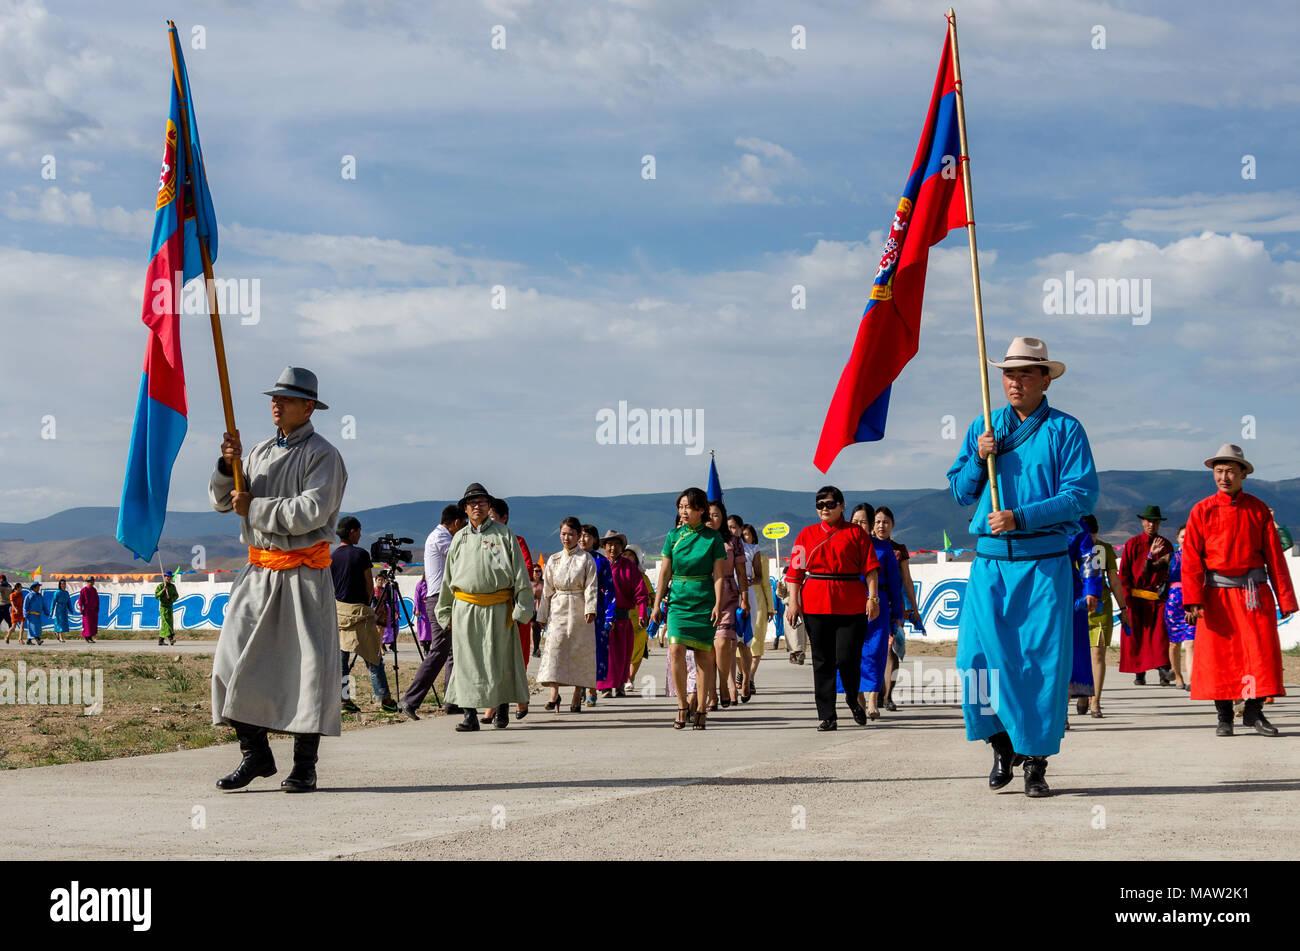 Costumi tradizionali presso il Festival di Naadam cerimonia di apertura, Murun, Mongolia Immagini Stock